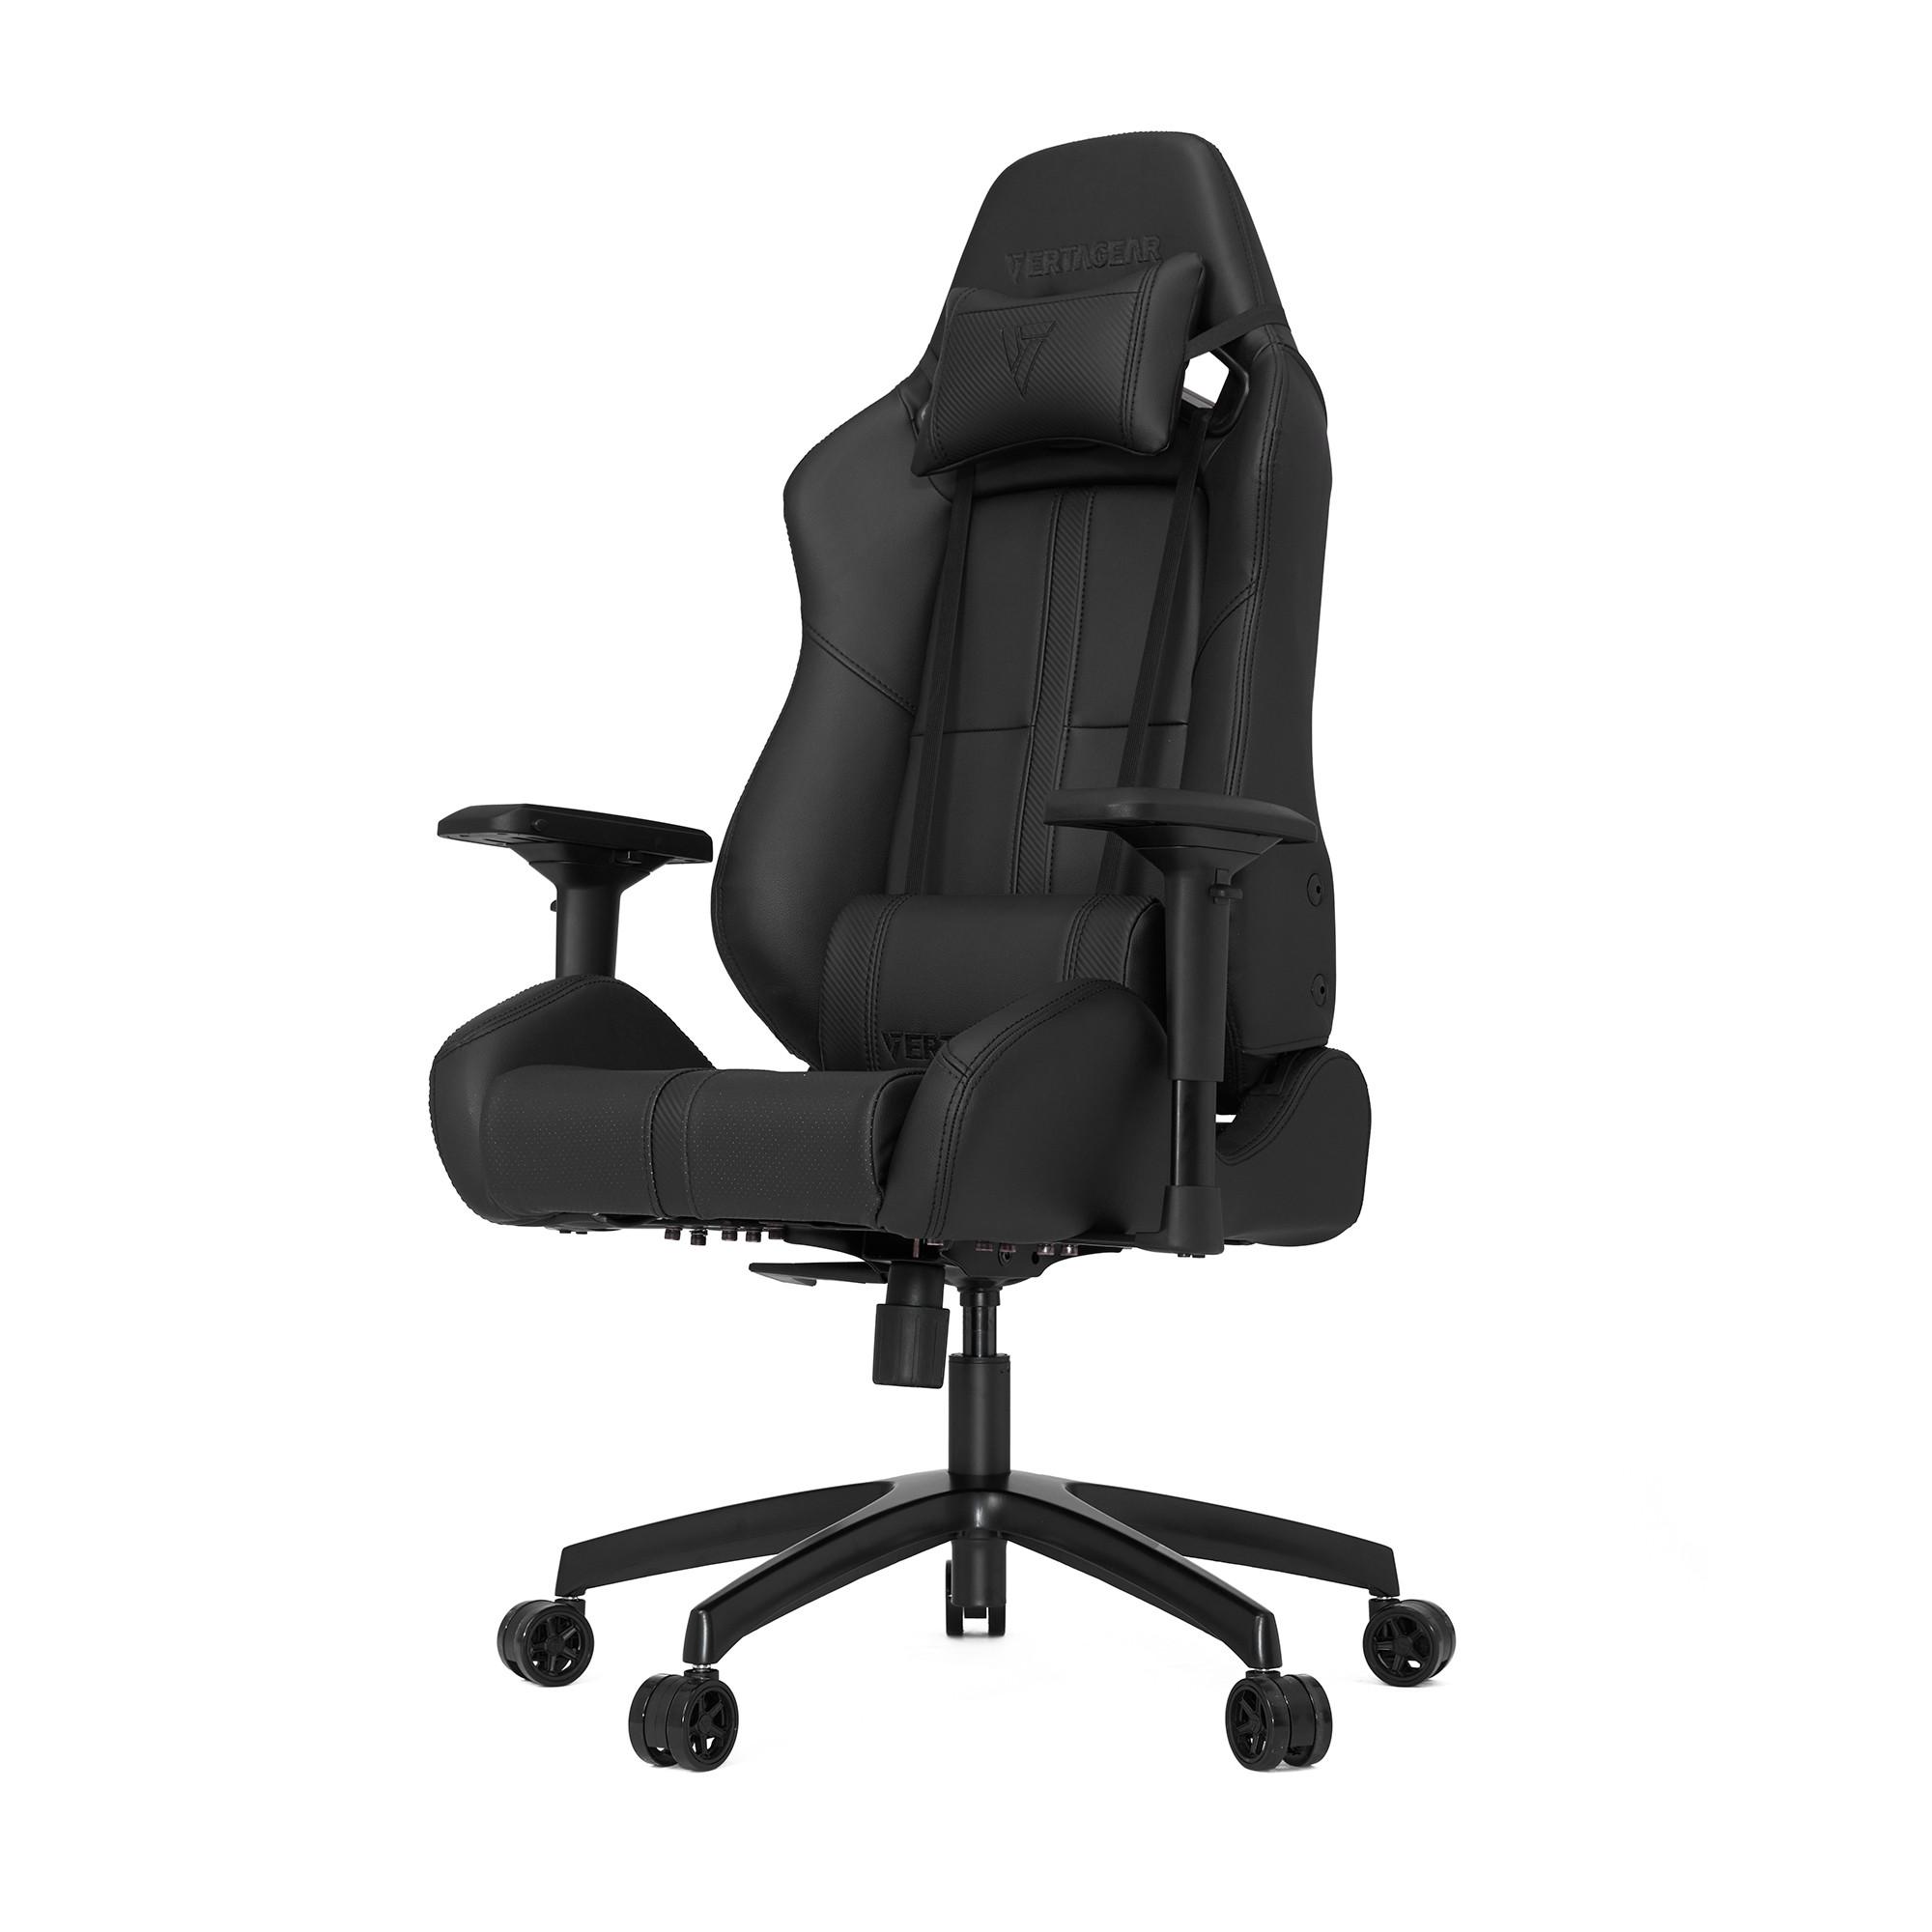 Профессиональное киберспортивное кресло Vertagear SL5000Набивка в SL-5000 сделанна из высокоплотной ластичной пены, котора добавлет отличну поддержку и удобство в положении сид.&#13;<br>&#13;<br>Элегантное исполнение модели SL-5000 сделано из высококачественной PVC кожи, котора делает покрытие неверотно прочным и дает креслу роскошный вид. Этот материал легко чистить и поддерживать в хорошем состонии, благодар цветной прошивке и водозащитным характеристикам.<br>